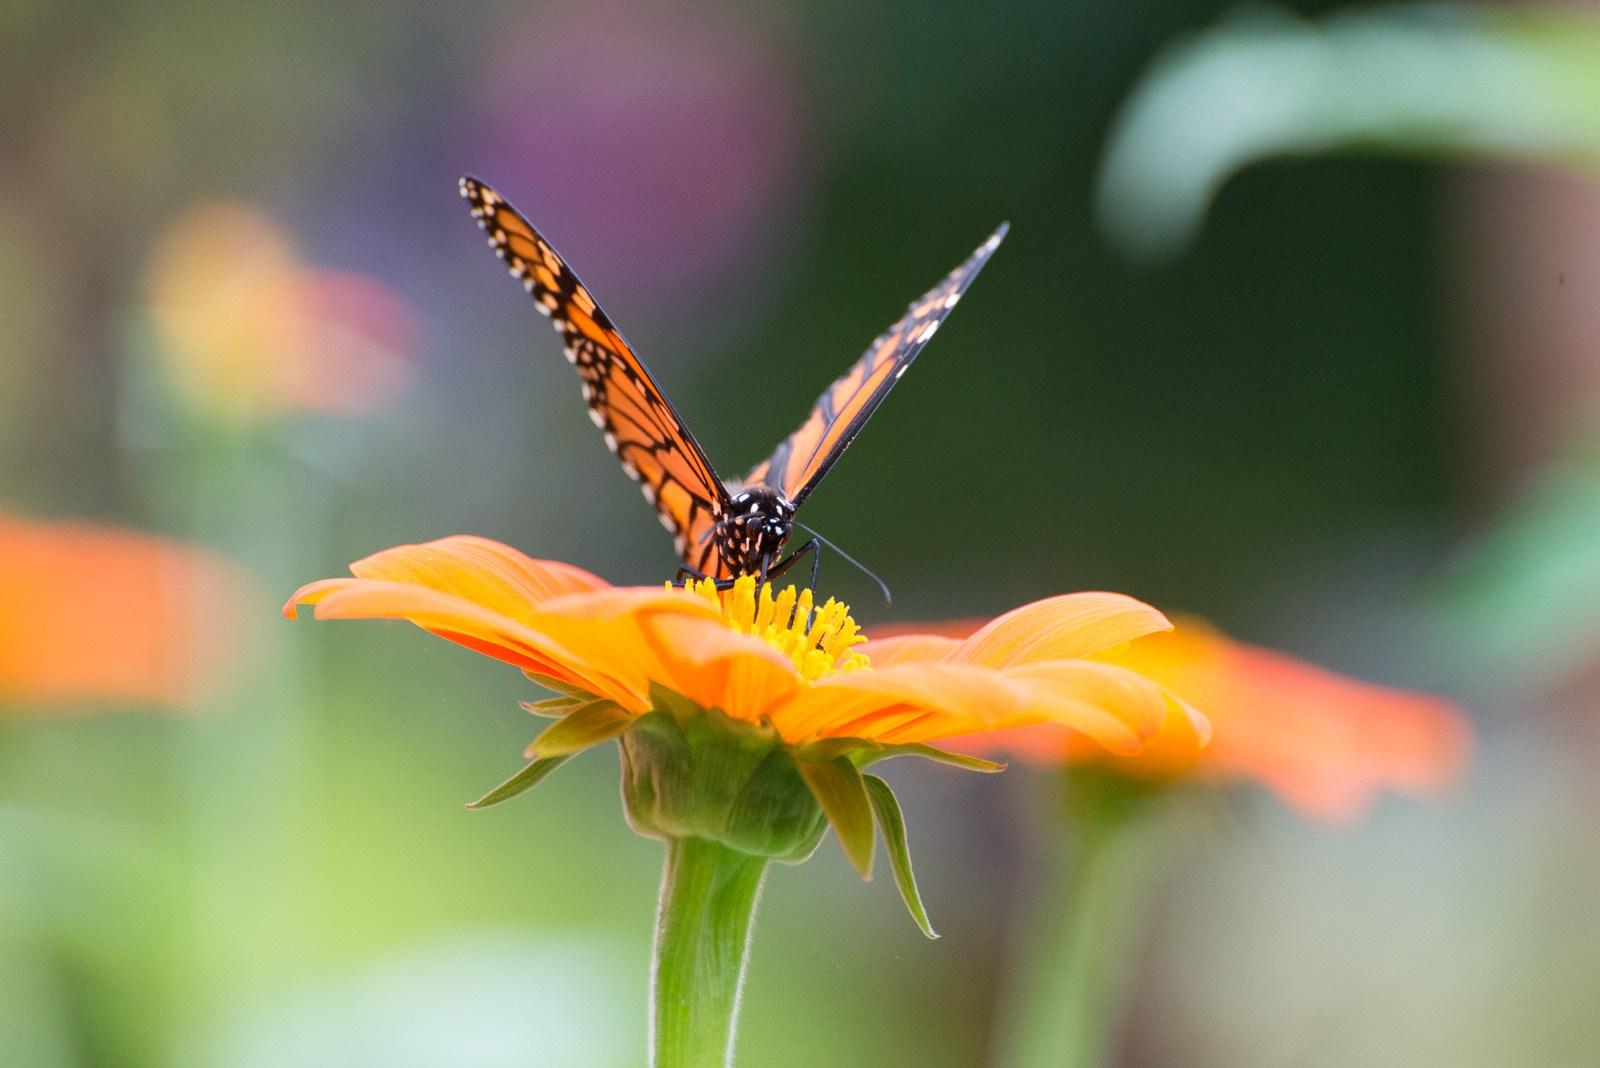 09-08-16 Chicago Botanic Garden-196.jpg